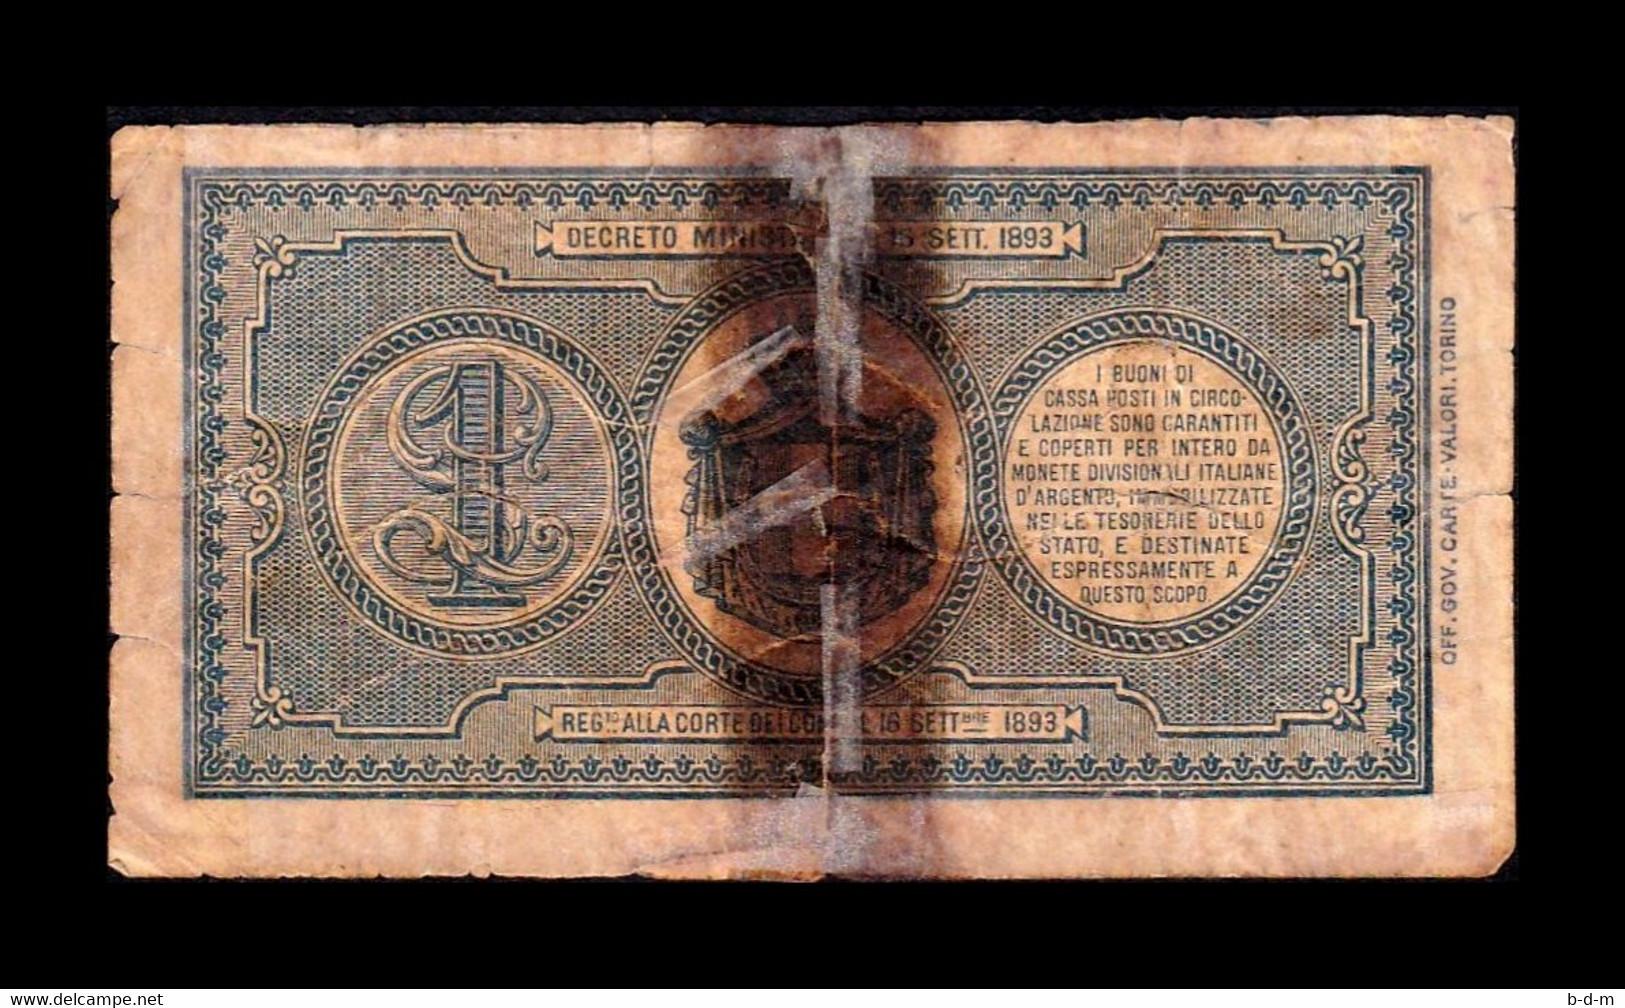 Italia Italy 1 Lire Royal Decree 1894 Pick 34 RC/BC P/G - Buoni Di Cassa